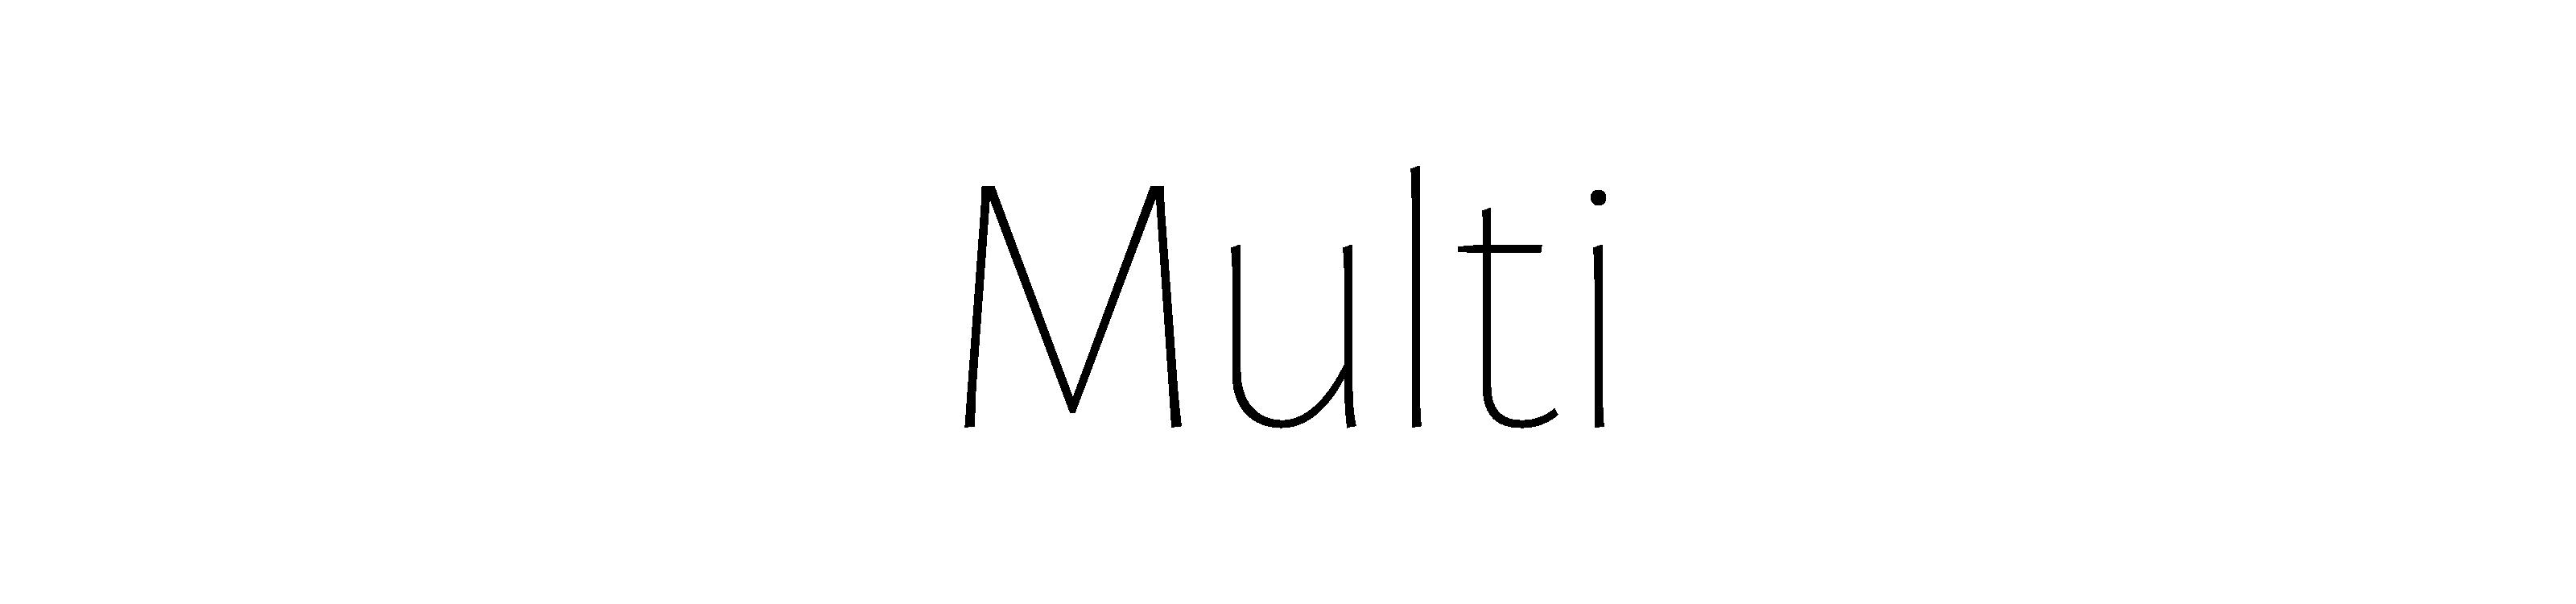 thesis serif semibold